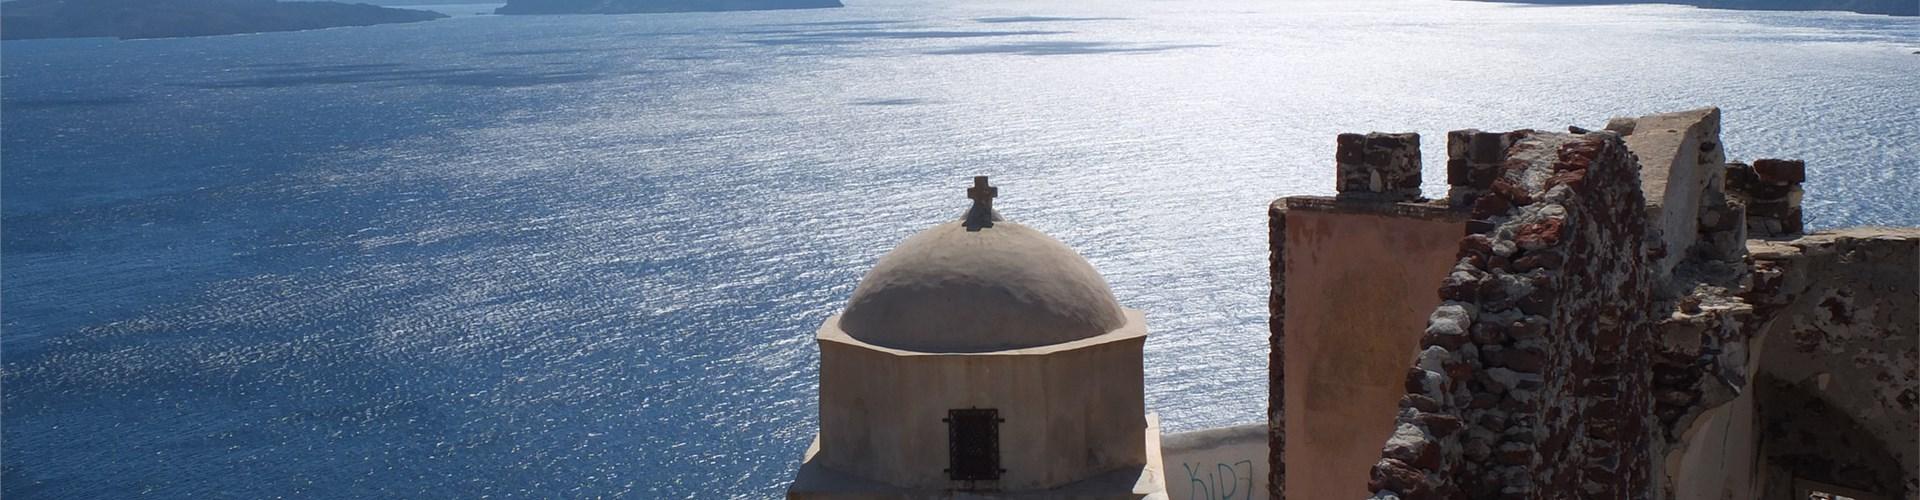 The Castle of Agios Nikolaos - Castles - Santorini